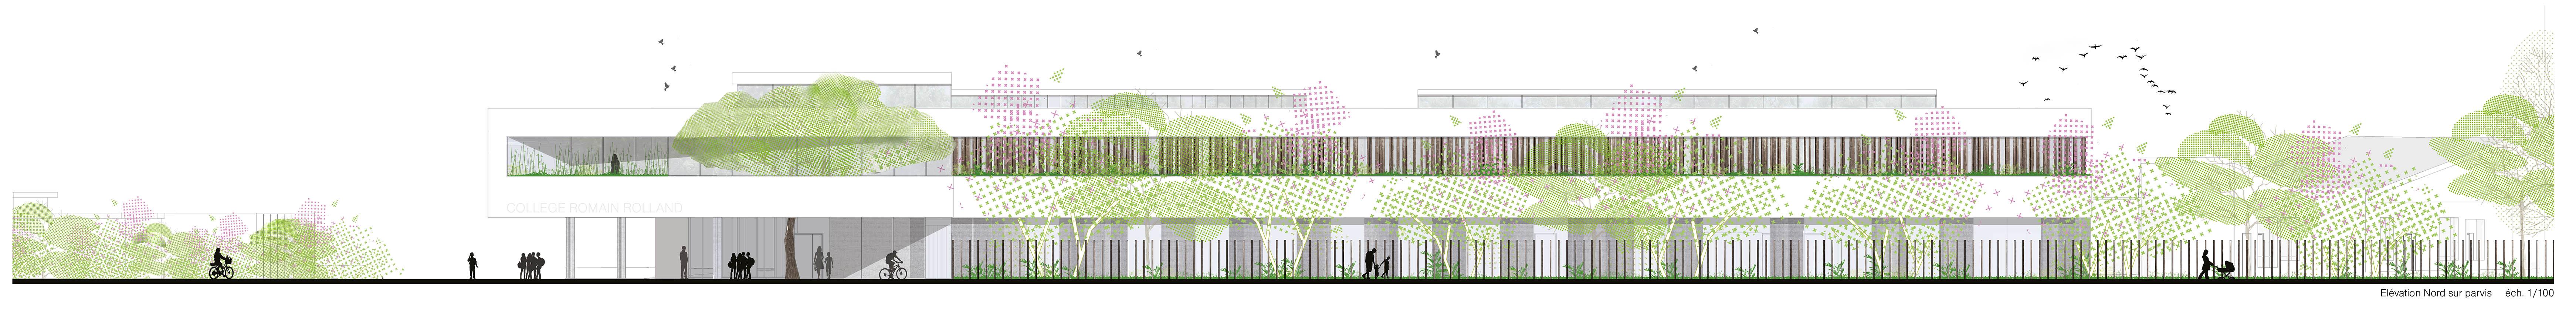 highschool_facade1